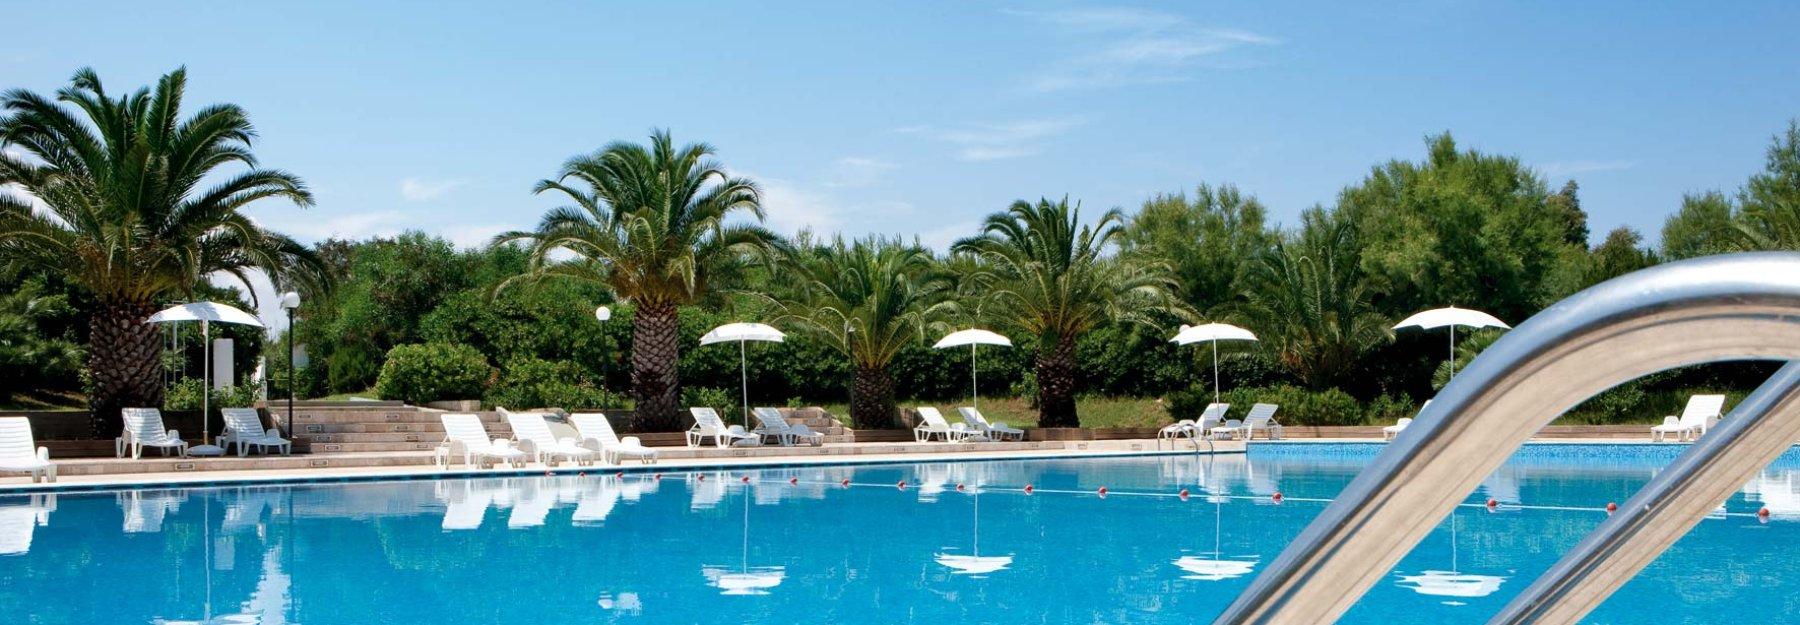 Migliori Hotel Per Famiglie Italia